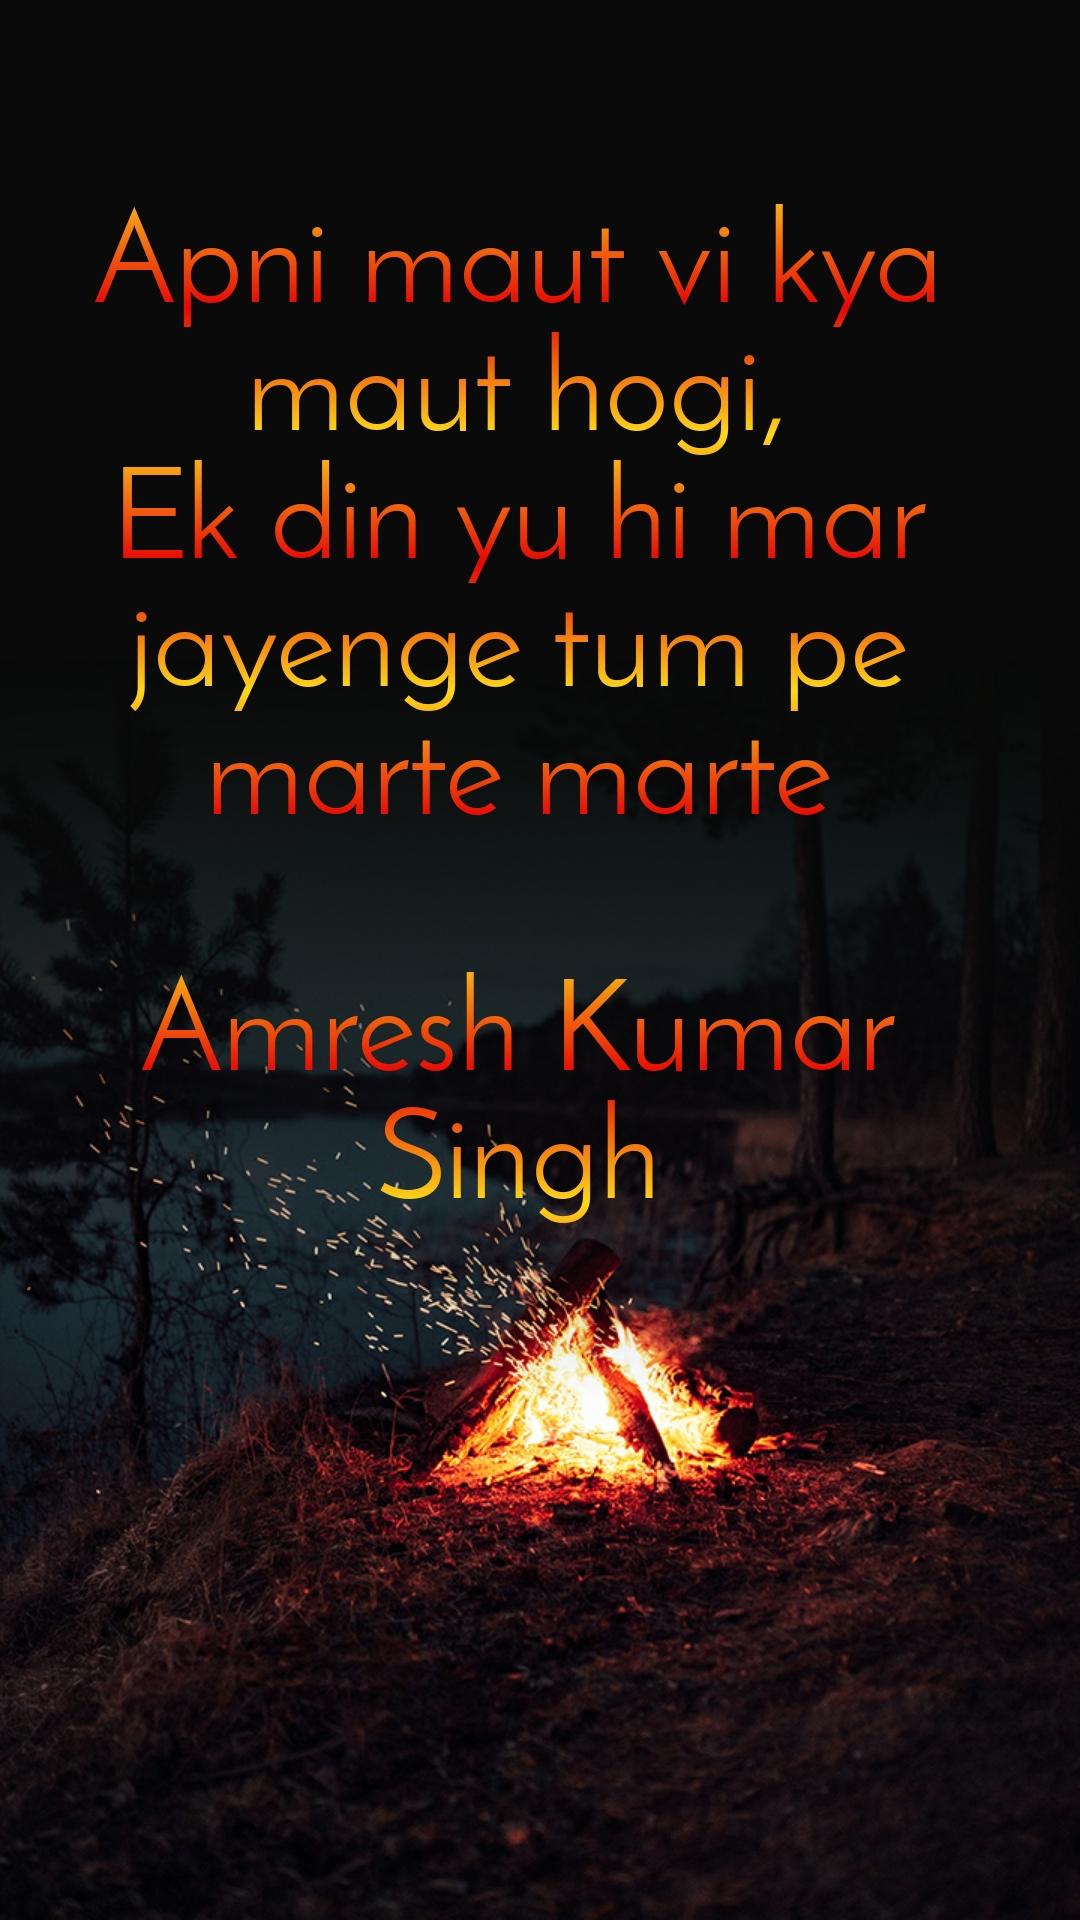 Apni maut vi kya maut hogi, Ek din yu hi mar jayenge tum pe marte marte  Amresh Kumar Singh